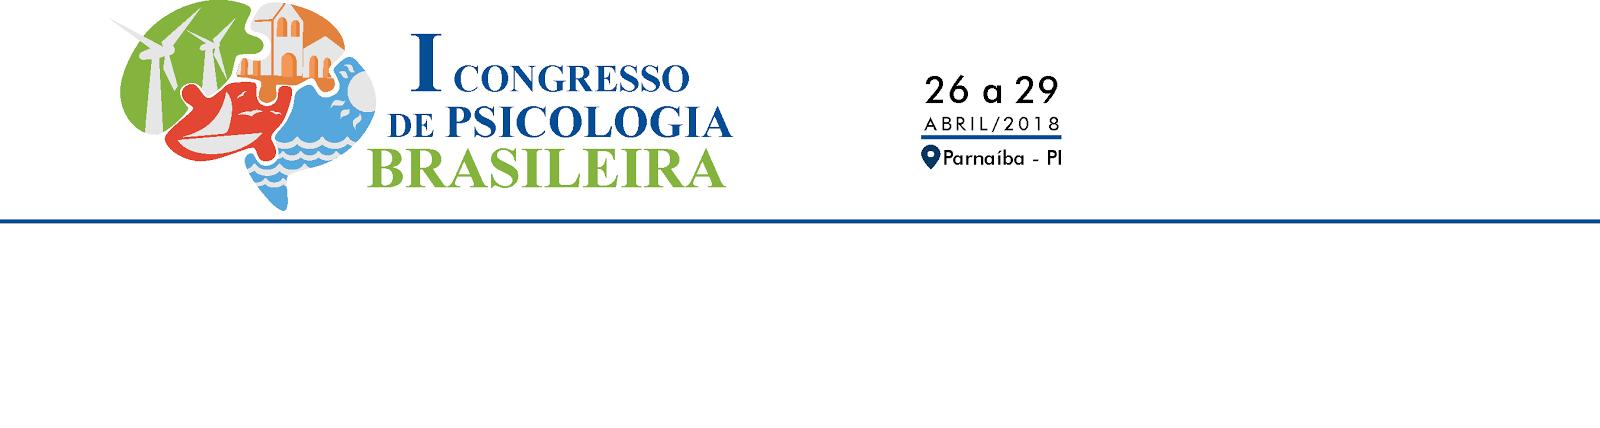 I CONGRESSO DE PSICOLOGIA BRASILEIRA